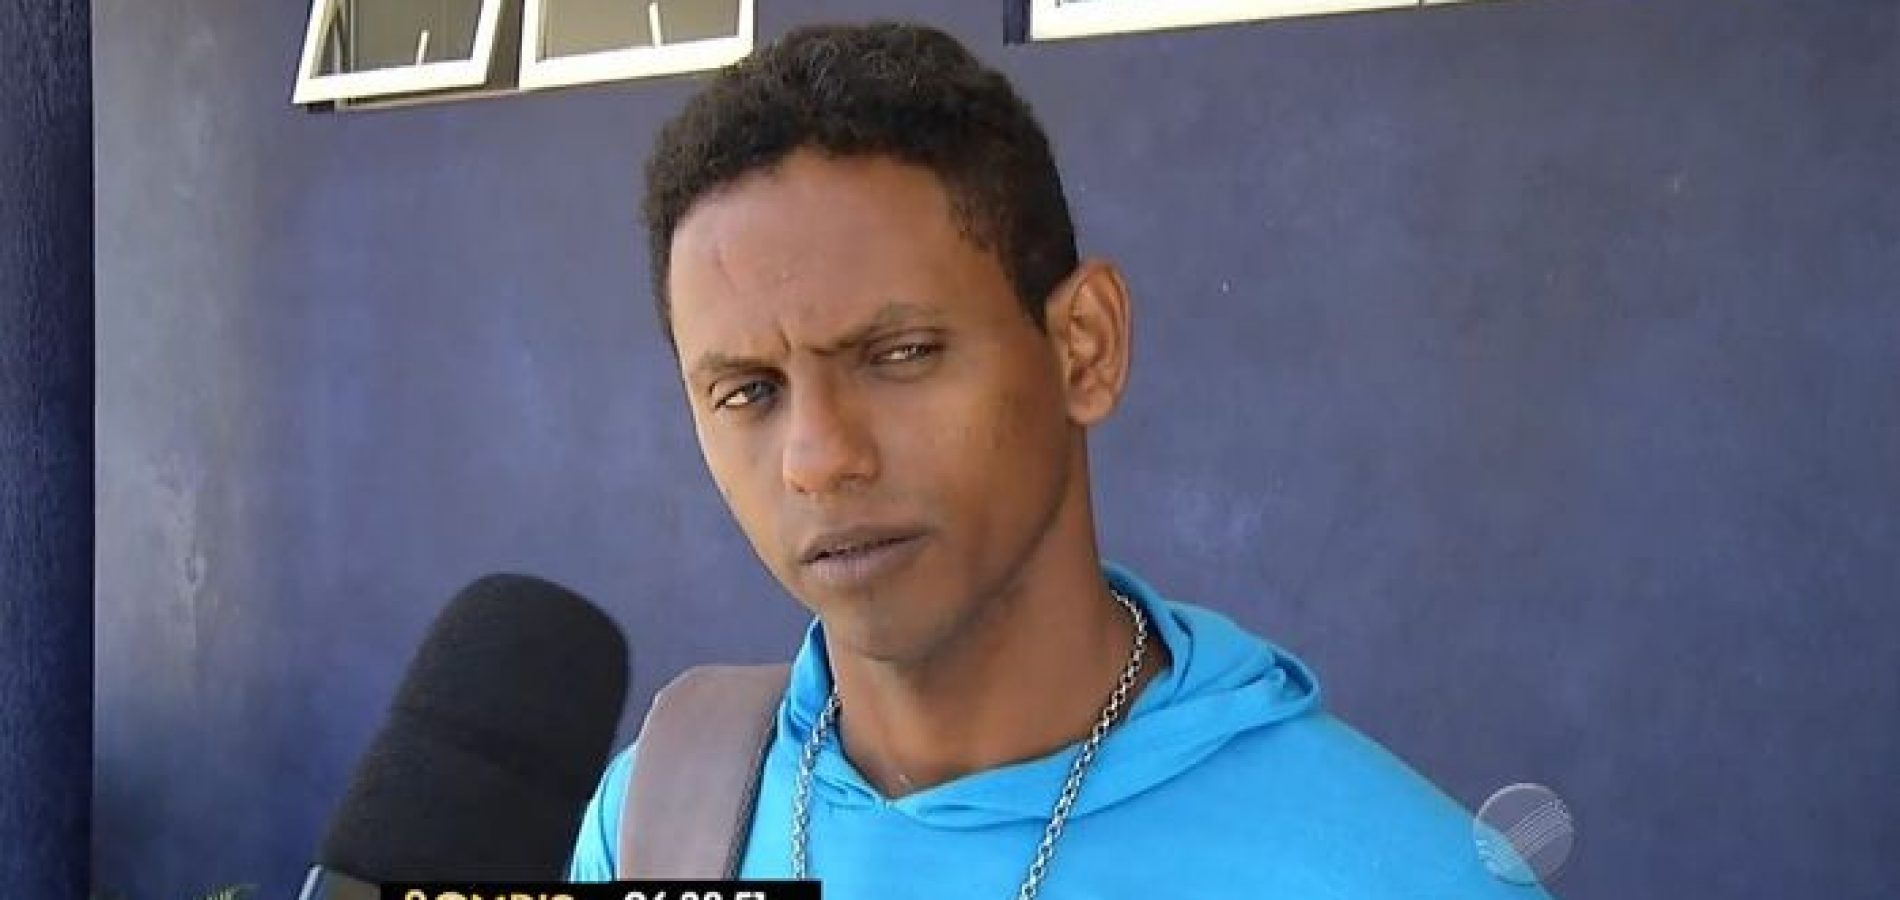 Preso no Piauí, irmão do goleiro Bruno diz saber onde estão os restos mortais de Eliza Samudio